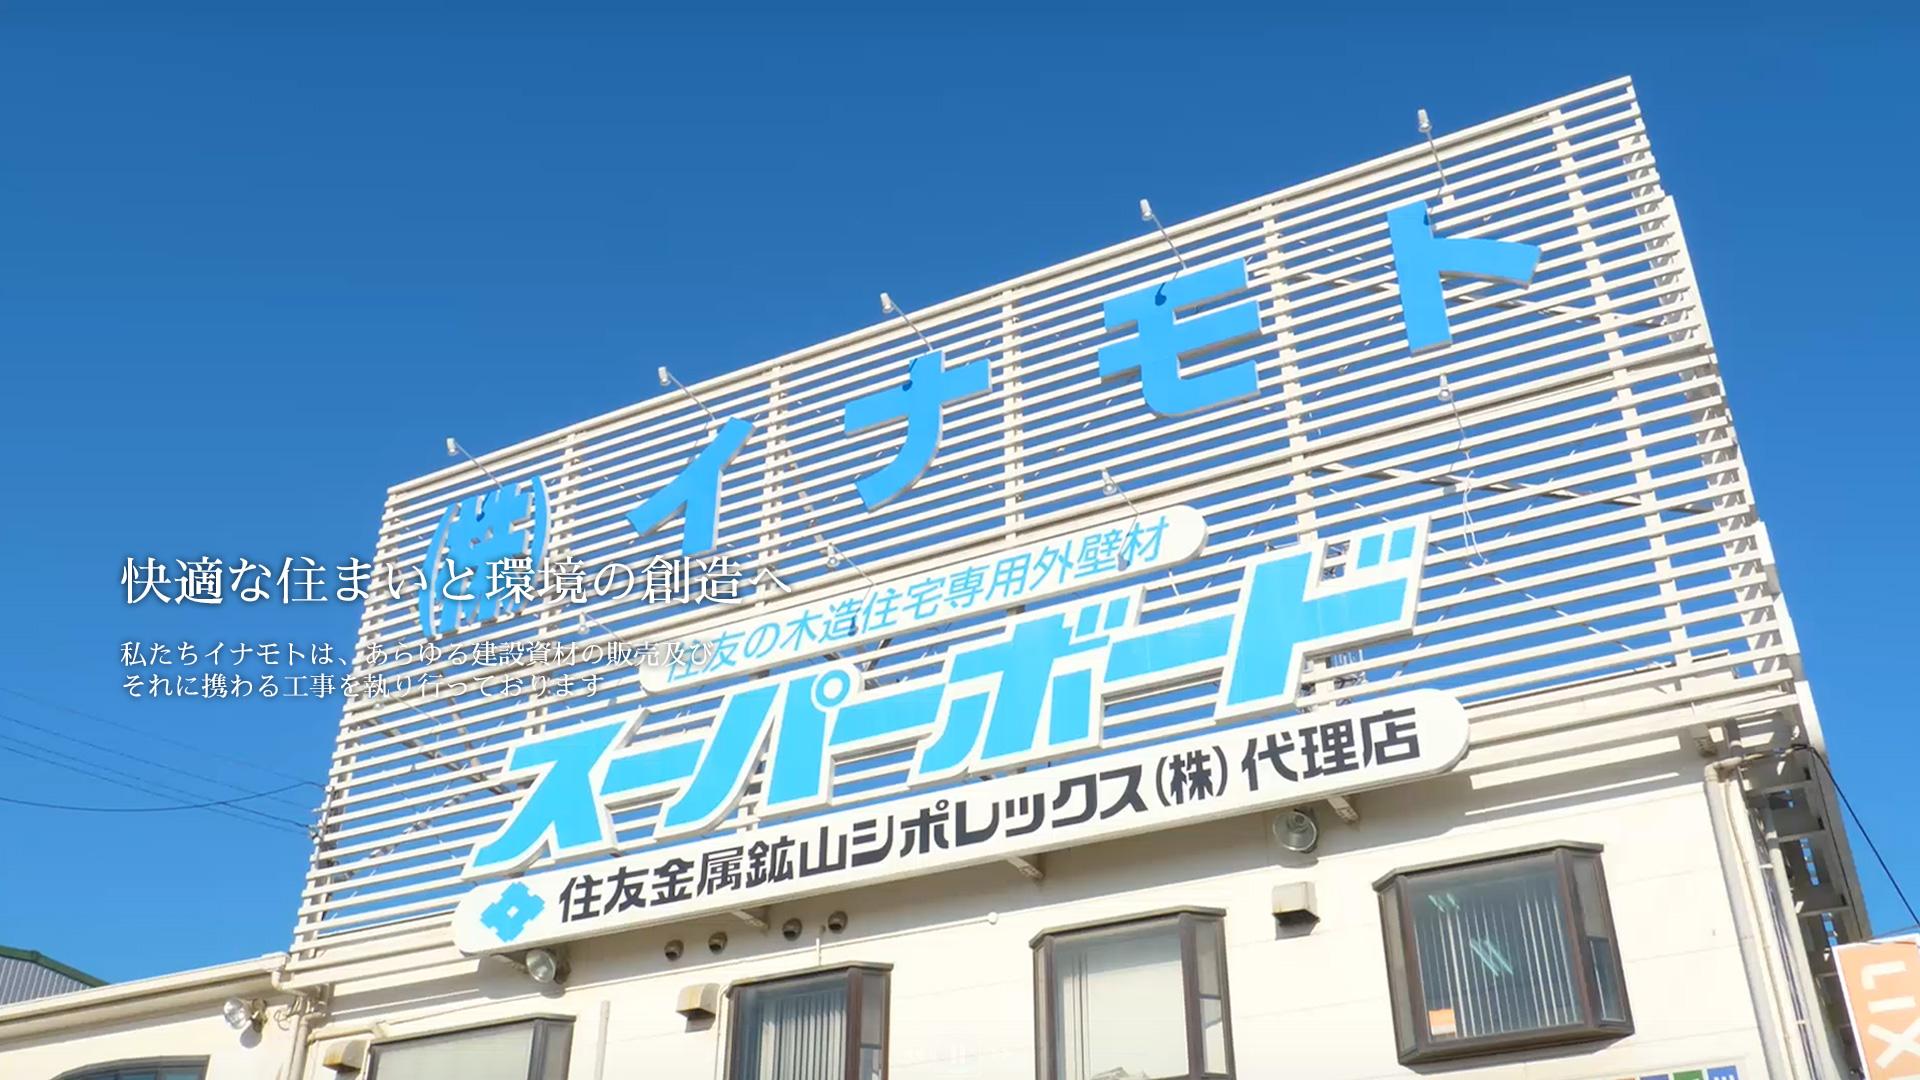 快適な住まいと環境のトータルな創造へ。外構土木資材販売,住宅関連工事,建設資材は大阪の株式会社イナモトへお任せ下さい。